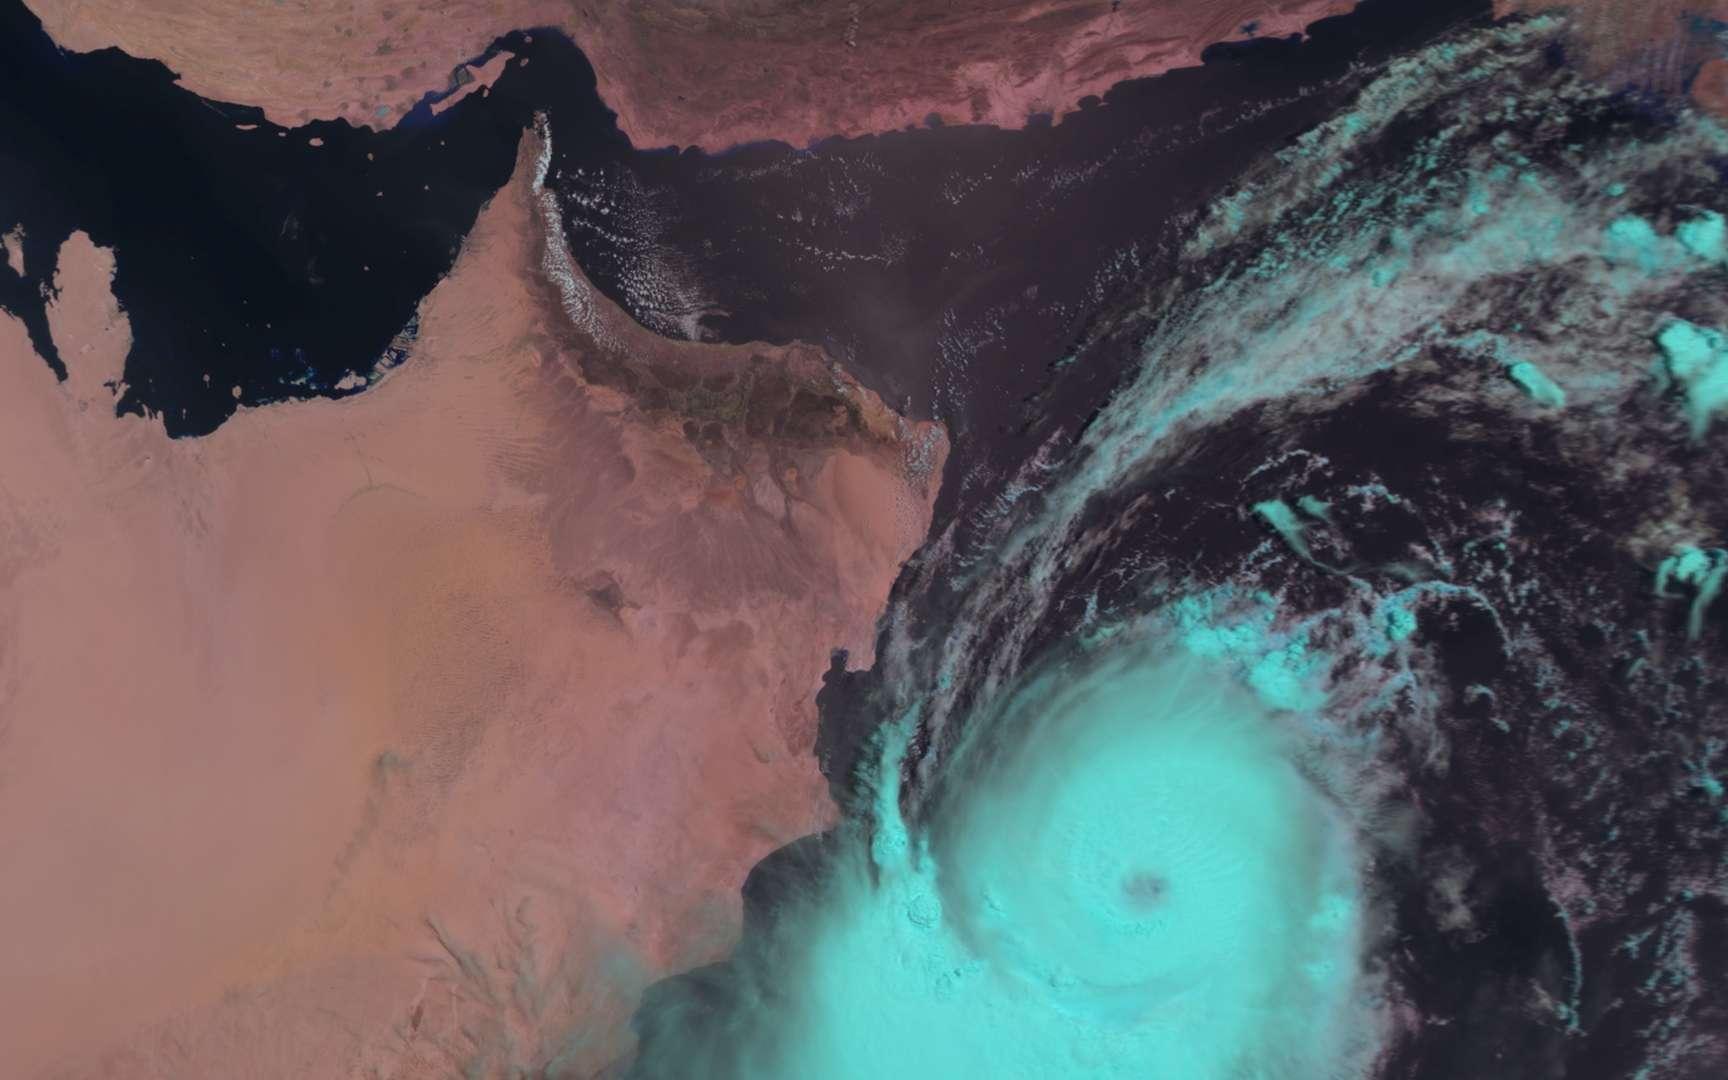 Le cyclone Phet vu par le radiomètre AVHRR du satellite Metop-A le 2 juin 2010 à 10 h 06 TU, en fausses couleurs. On distingue bien la masse nuageuse, de couleur verte, tournant dans le sens des aiguilles d'une montre et présentant « l'œil », au centre. La côte à gauche est celle du sultanat d'Oman, à l'extrémité sud-est de la péninsule arabique. Au nord, le golfe d'Oman, avec le détroit d'Ormuz, ouvre sur le golfe Persique (à gauche) et sépare la péninsule des côtes iraniennes, en haut de l'image. © Eumetsat 2010